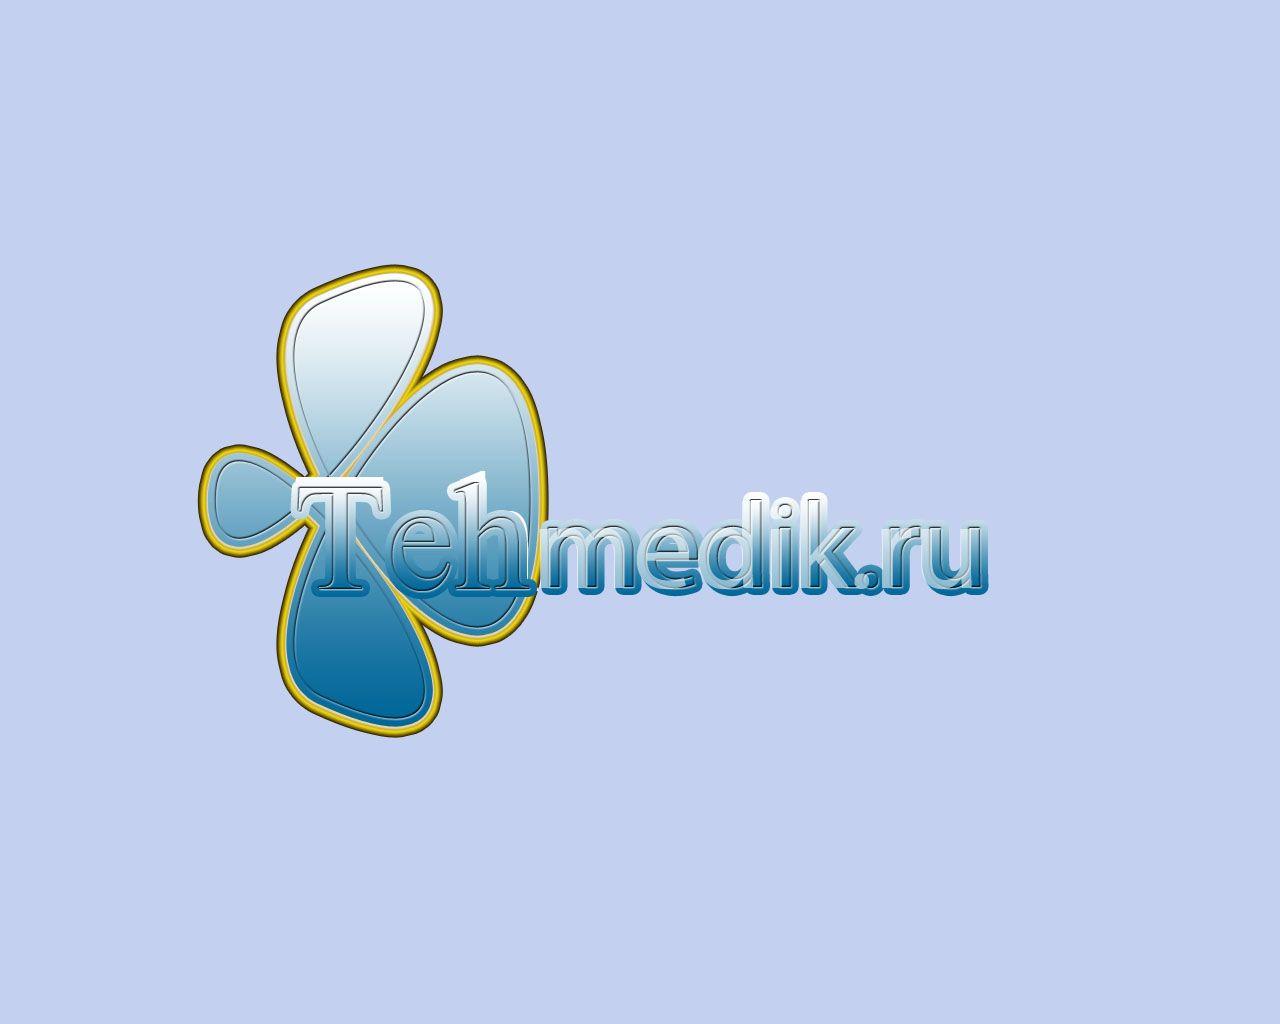 Логотип для интернет-магазина медтехники - дизайнер lena_80